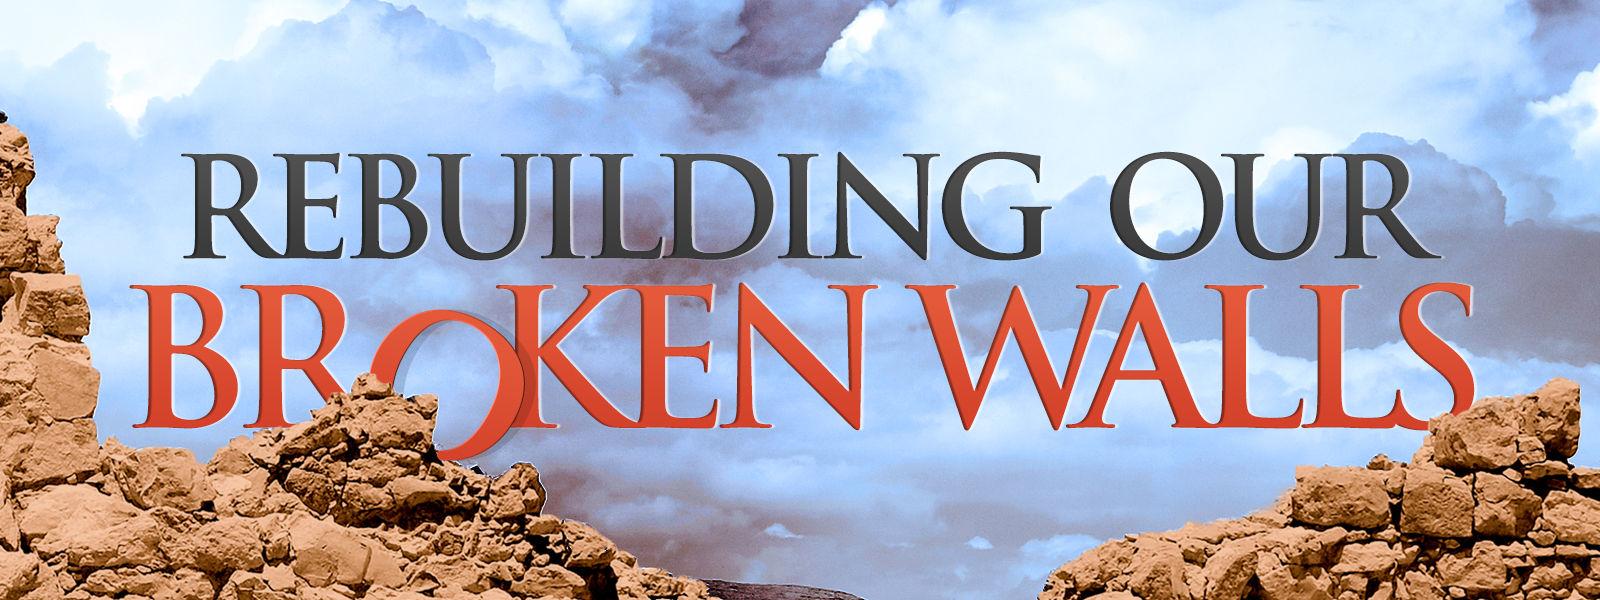 Rebuilding Our Broken Walls